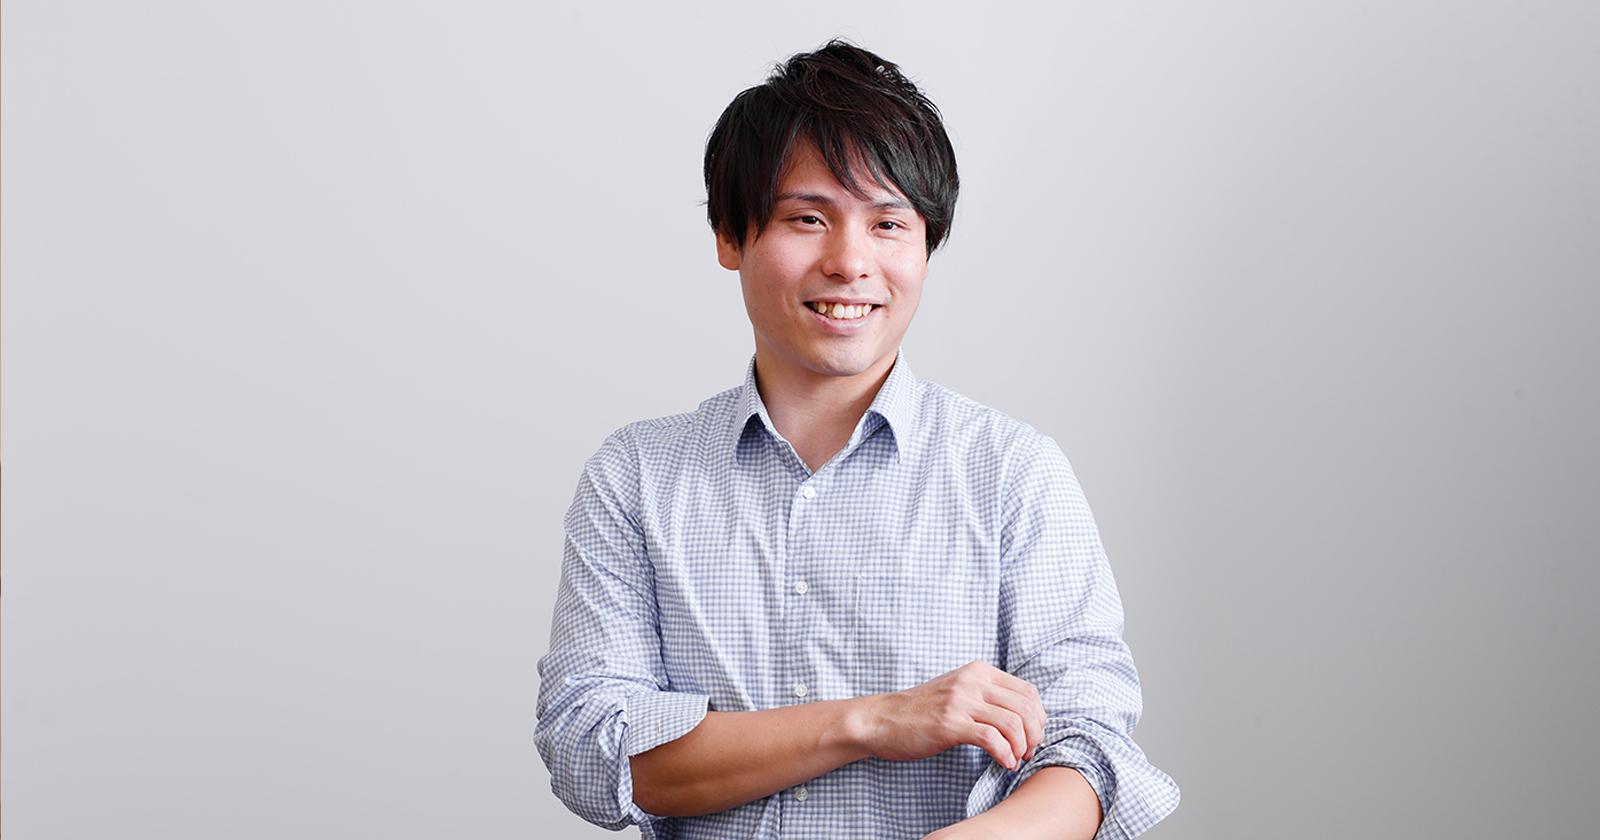 ソフトバンクで新規事業を任されていた若き人材は、なぜ 「for Startups, Inc.(旧NET jinzai bank)」 を選んだのか?